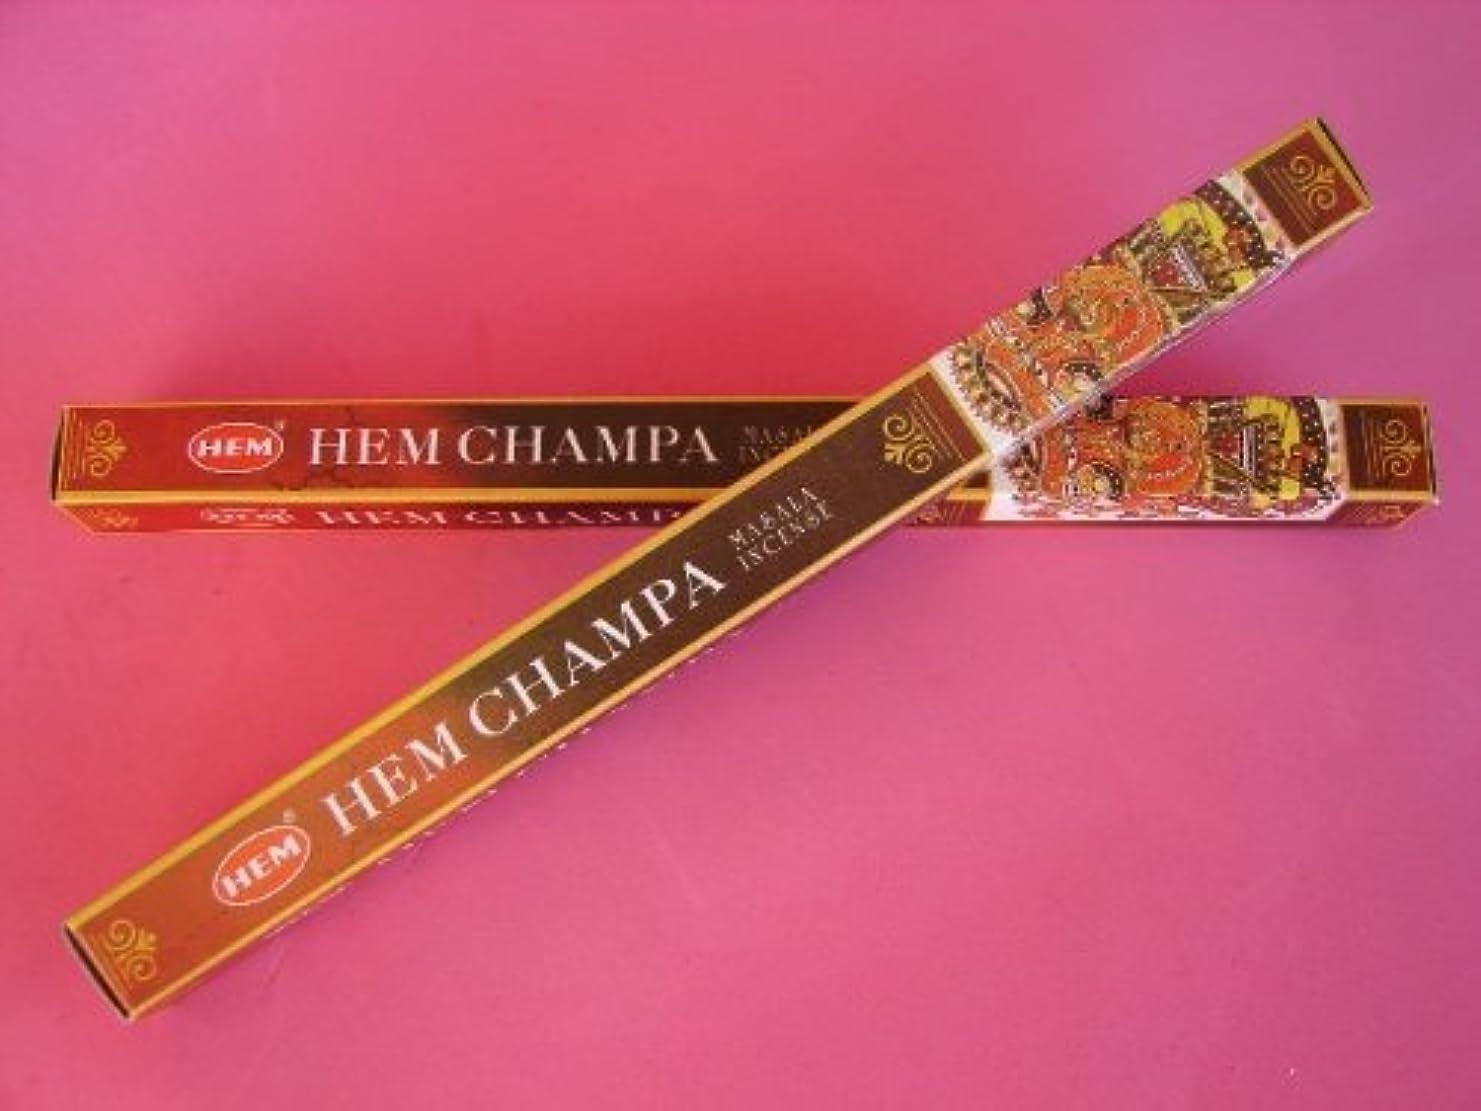 不定適合しました刈り取る4 Boxes of HEM CHAMPA Incense Sticks